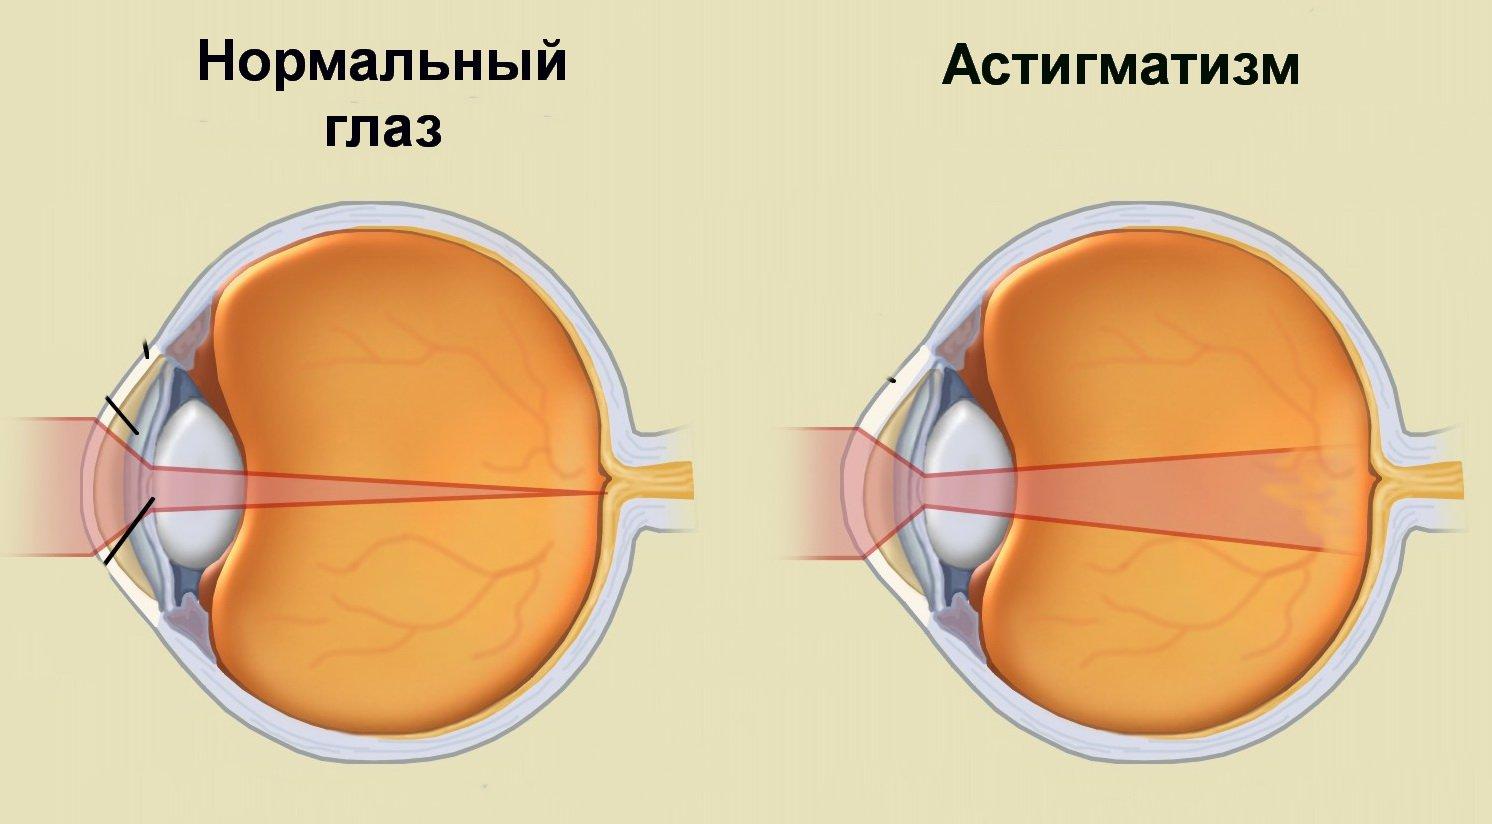 Hogyan lehet megszabadulni a myopia 7 astigmatizmustól